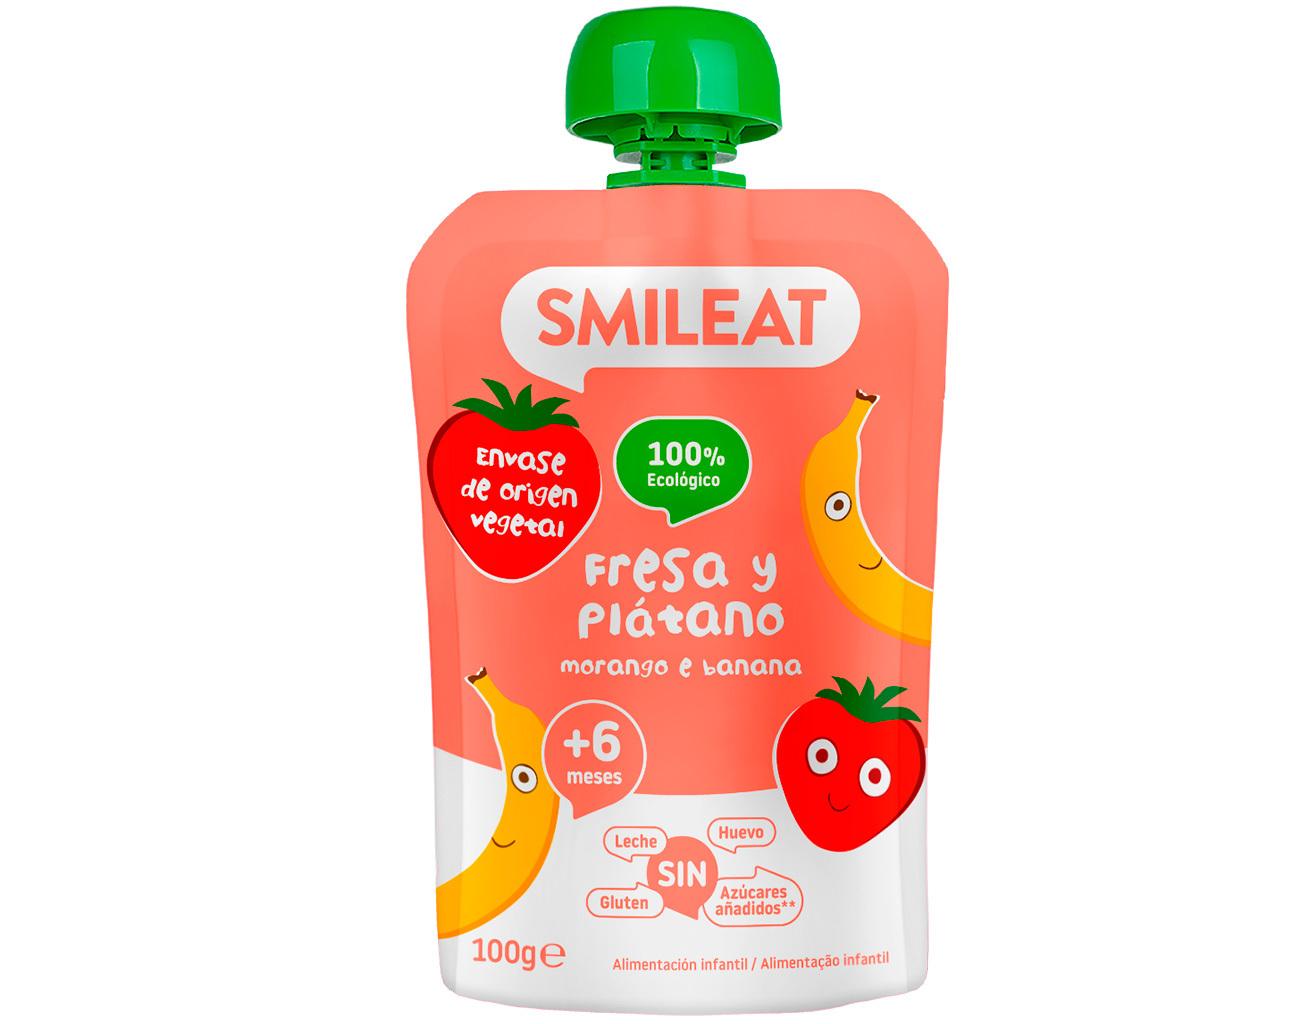 POUCH FRESA PLATANO 100 G ( y 4MESES) SMILEAT en Biovegalia